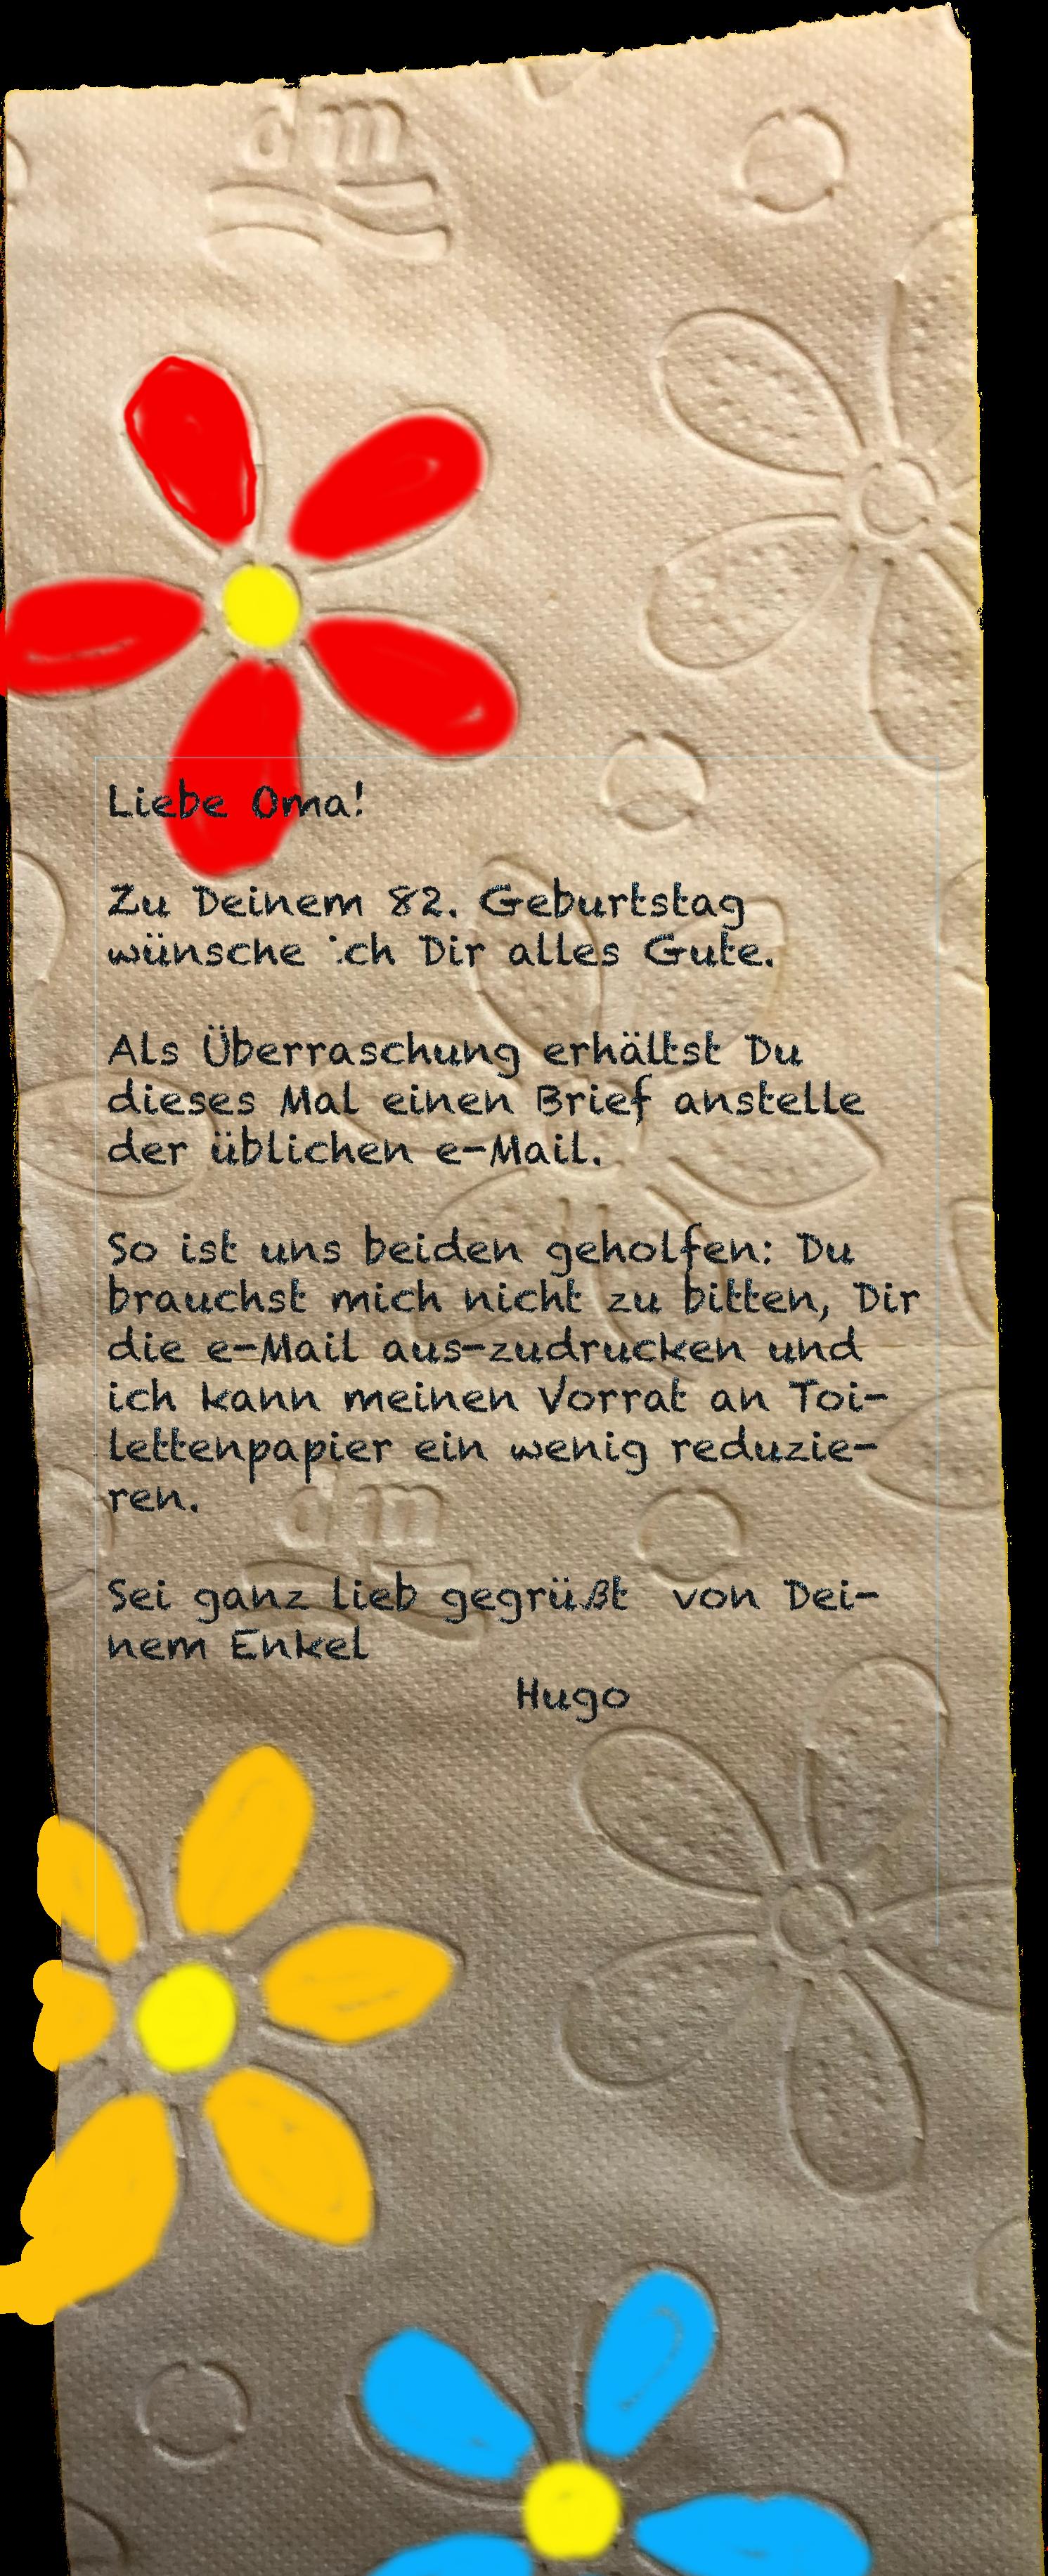 Brief auf Toilettenpapier: Liebe Oma